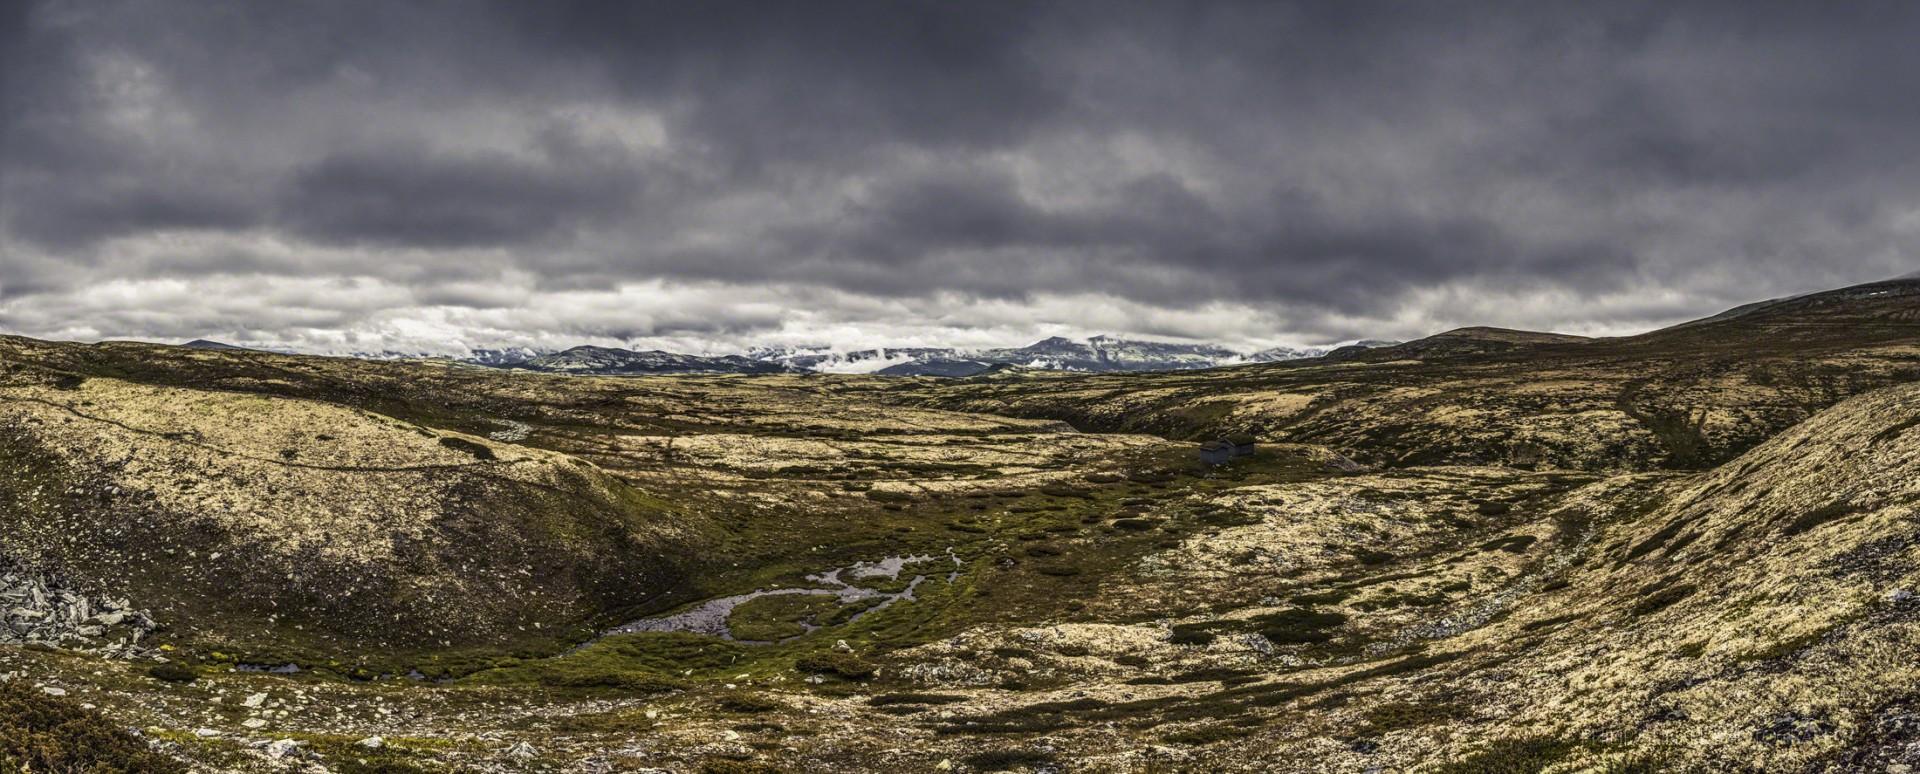 panorama_philip_gunkel_photographie_www.philipgunkel.de-10